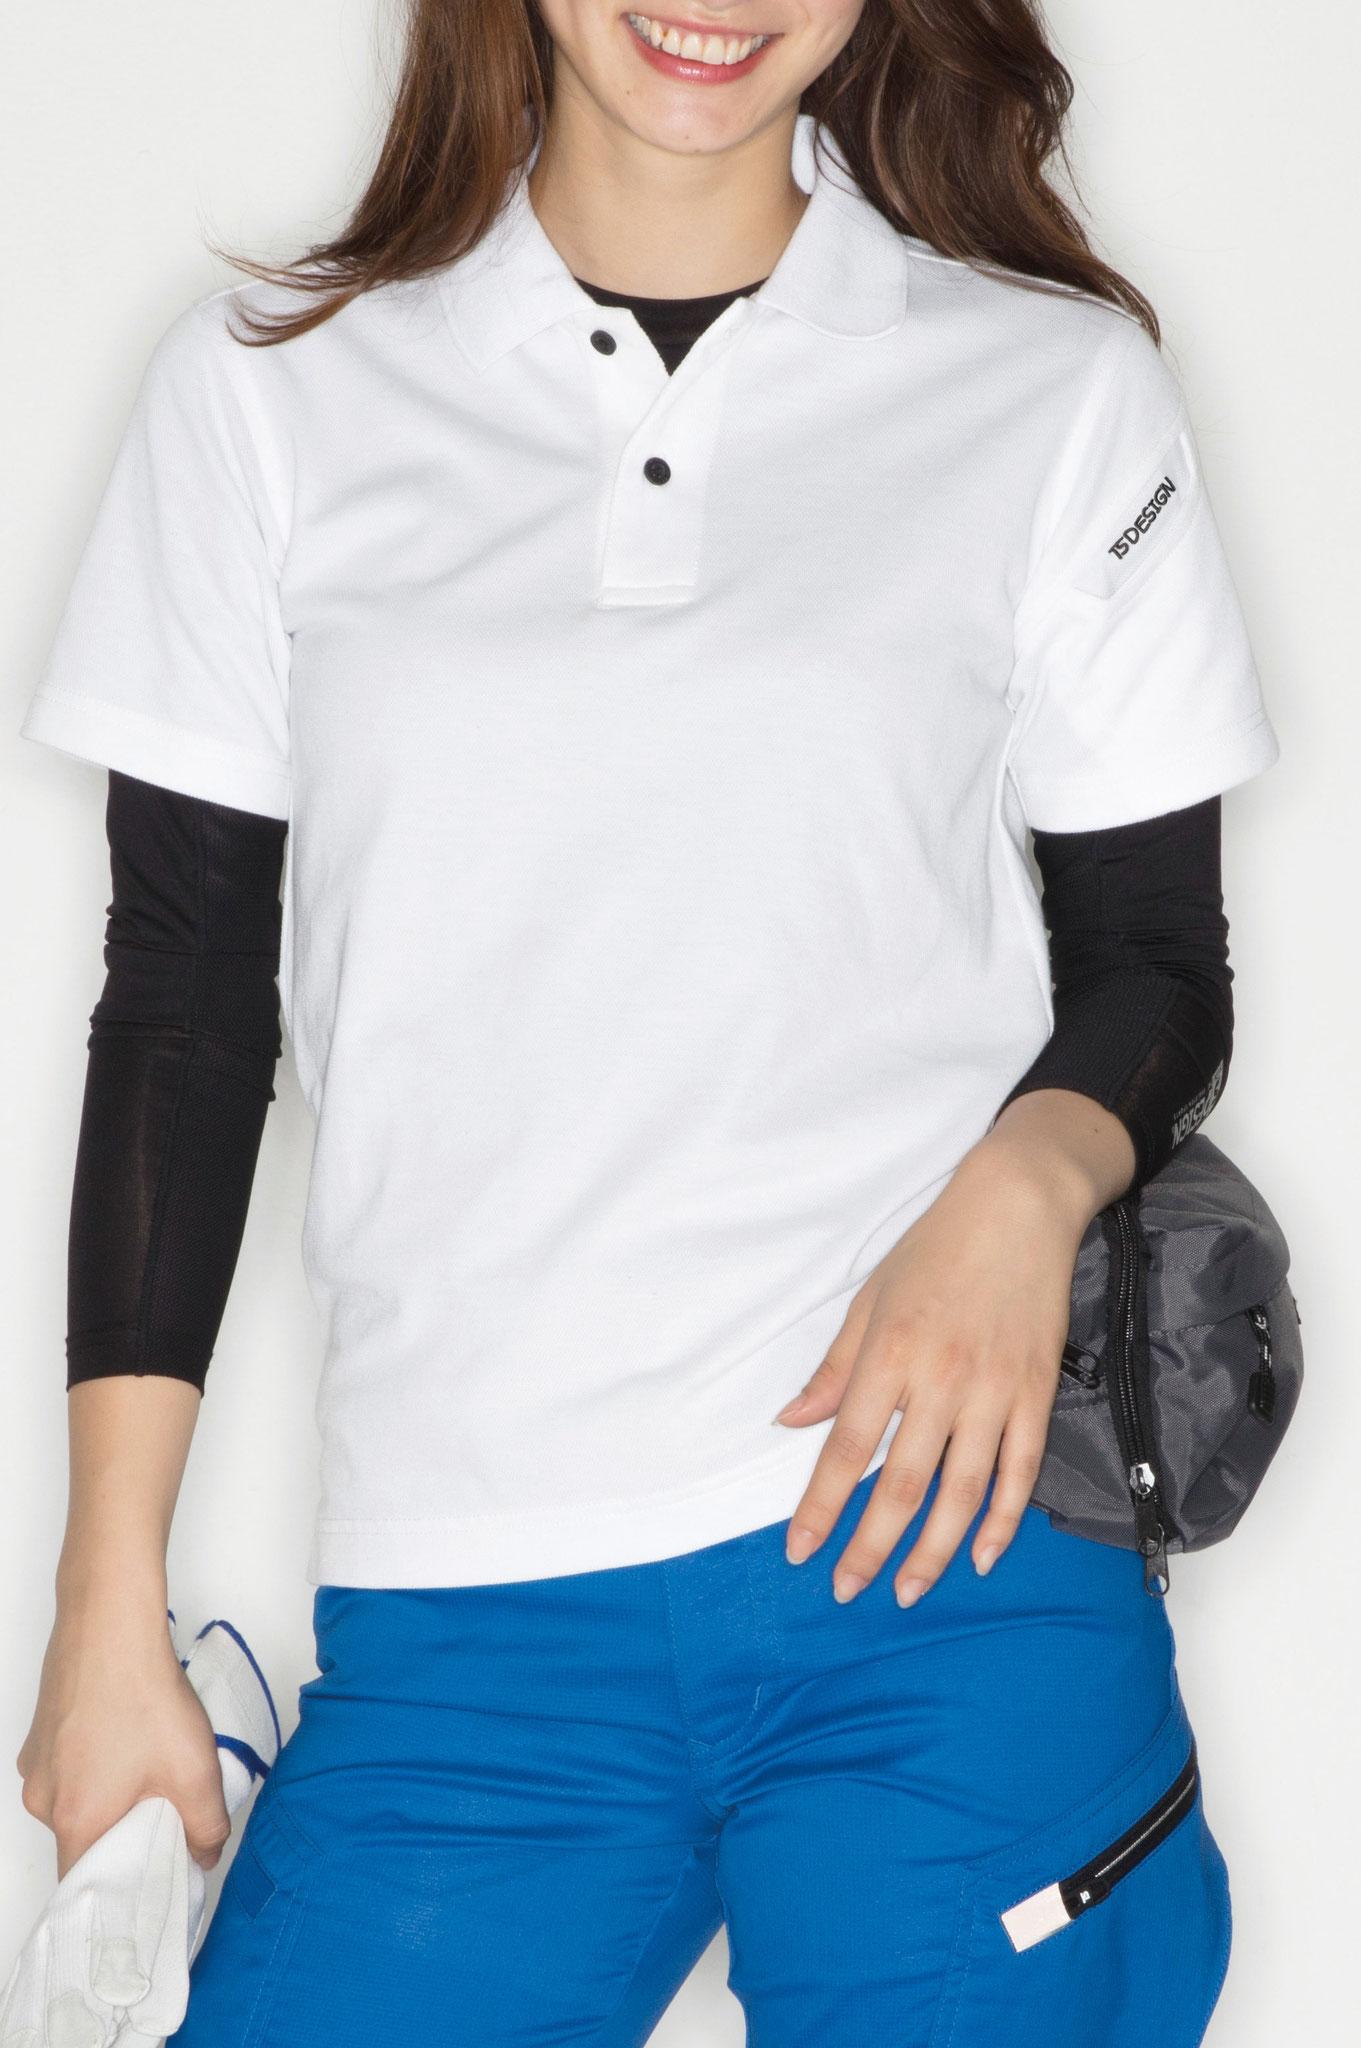 TS DESIGN~TSデザイン~4065 ショートスリーブポロシャツ ¥1,990(税込)